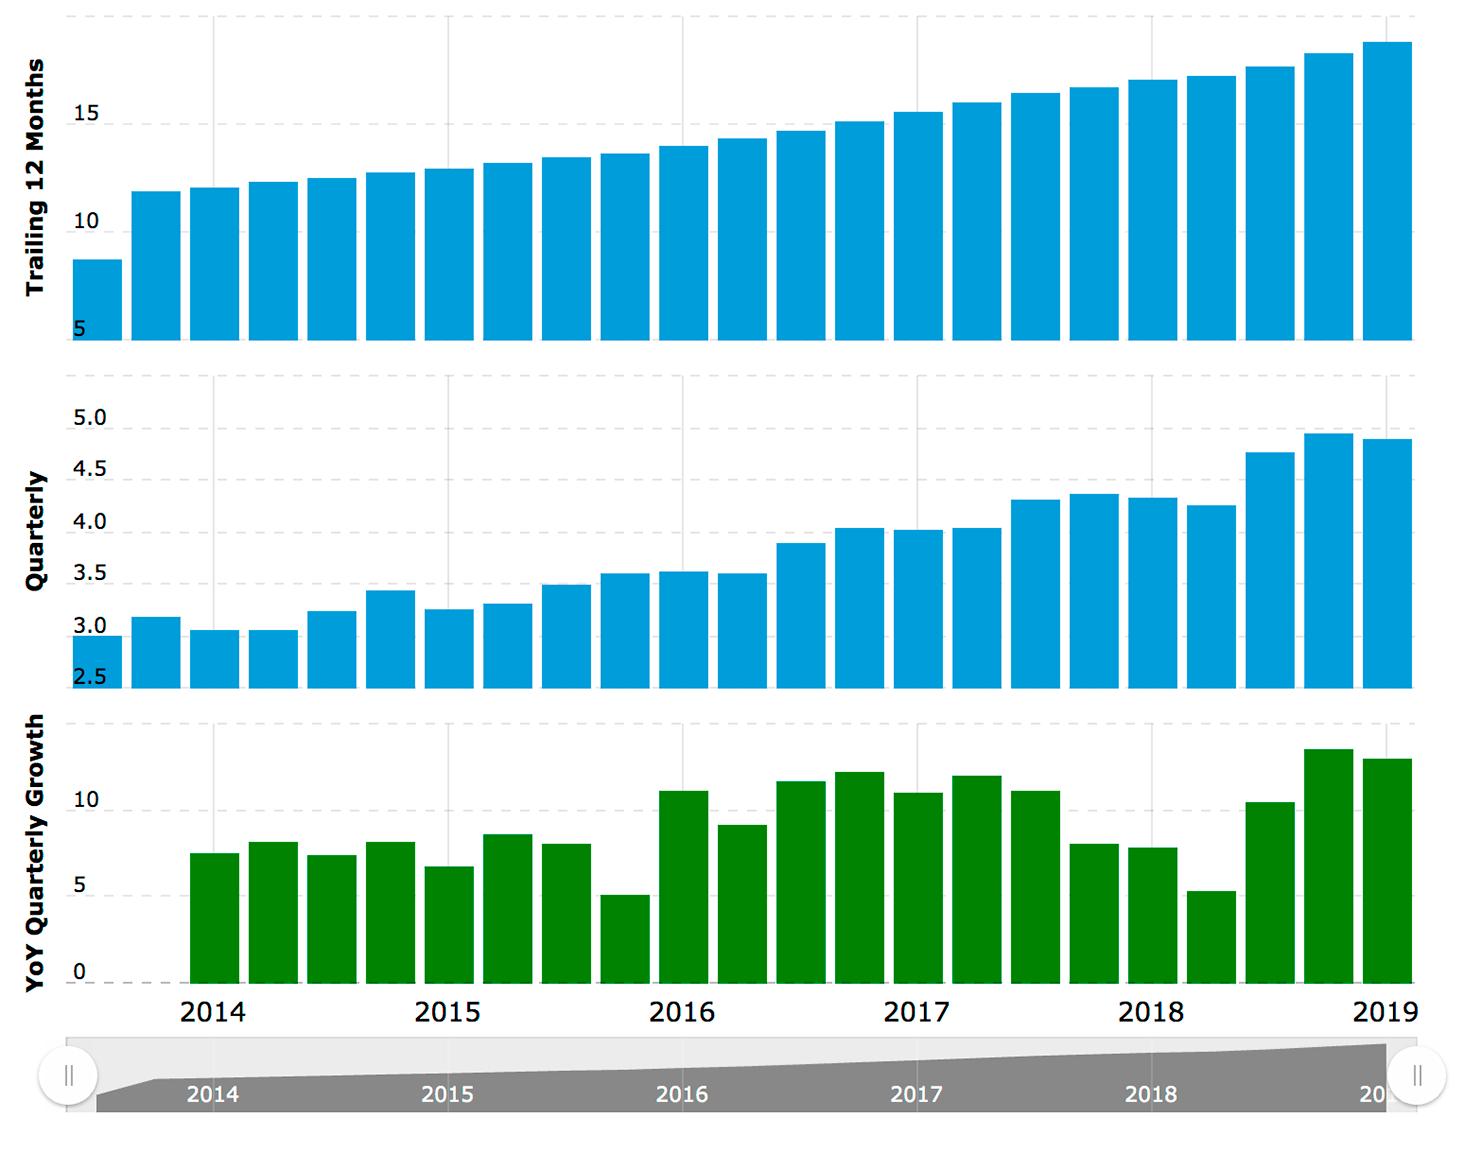 Рост выручки Synchrony Financial. Сверху — рост в течение года, посередине — квартальный рост, снизу — квартальный рост по сравнению с кварталами предыдущих лет. Источник: Macrotrends